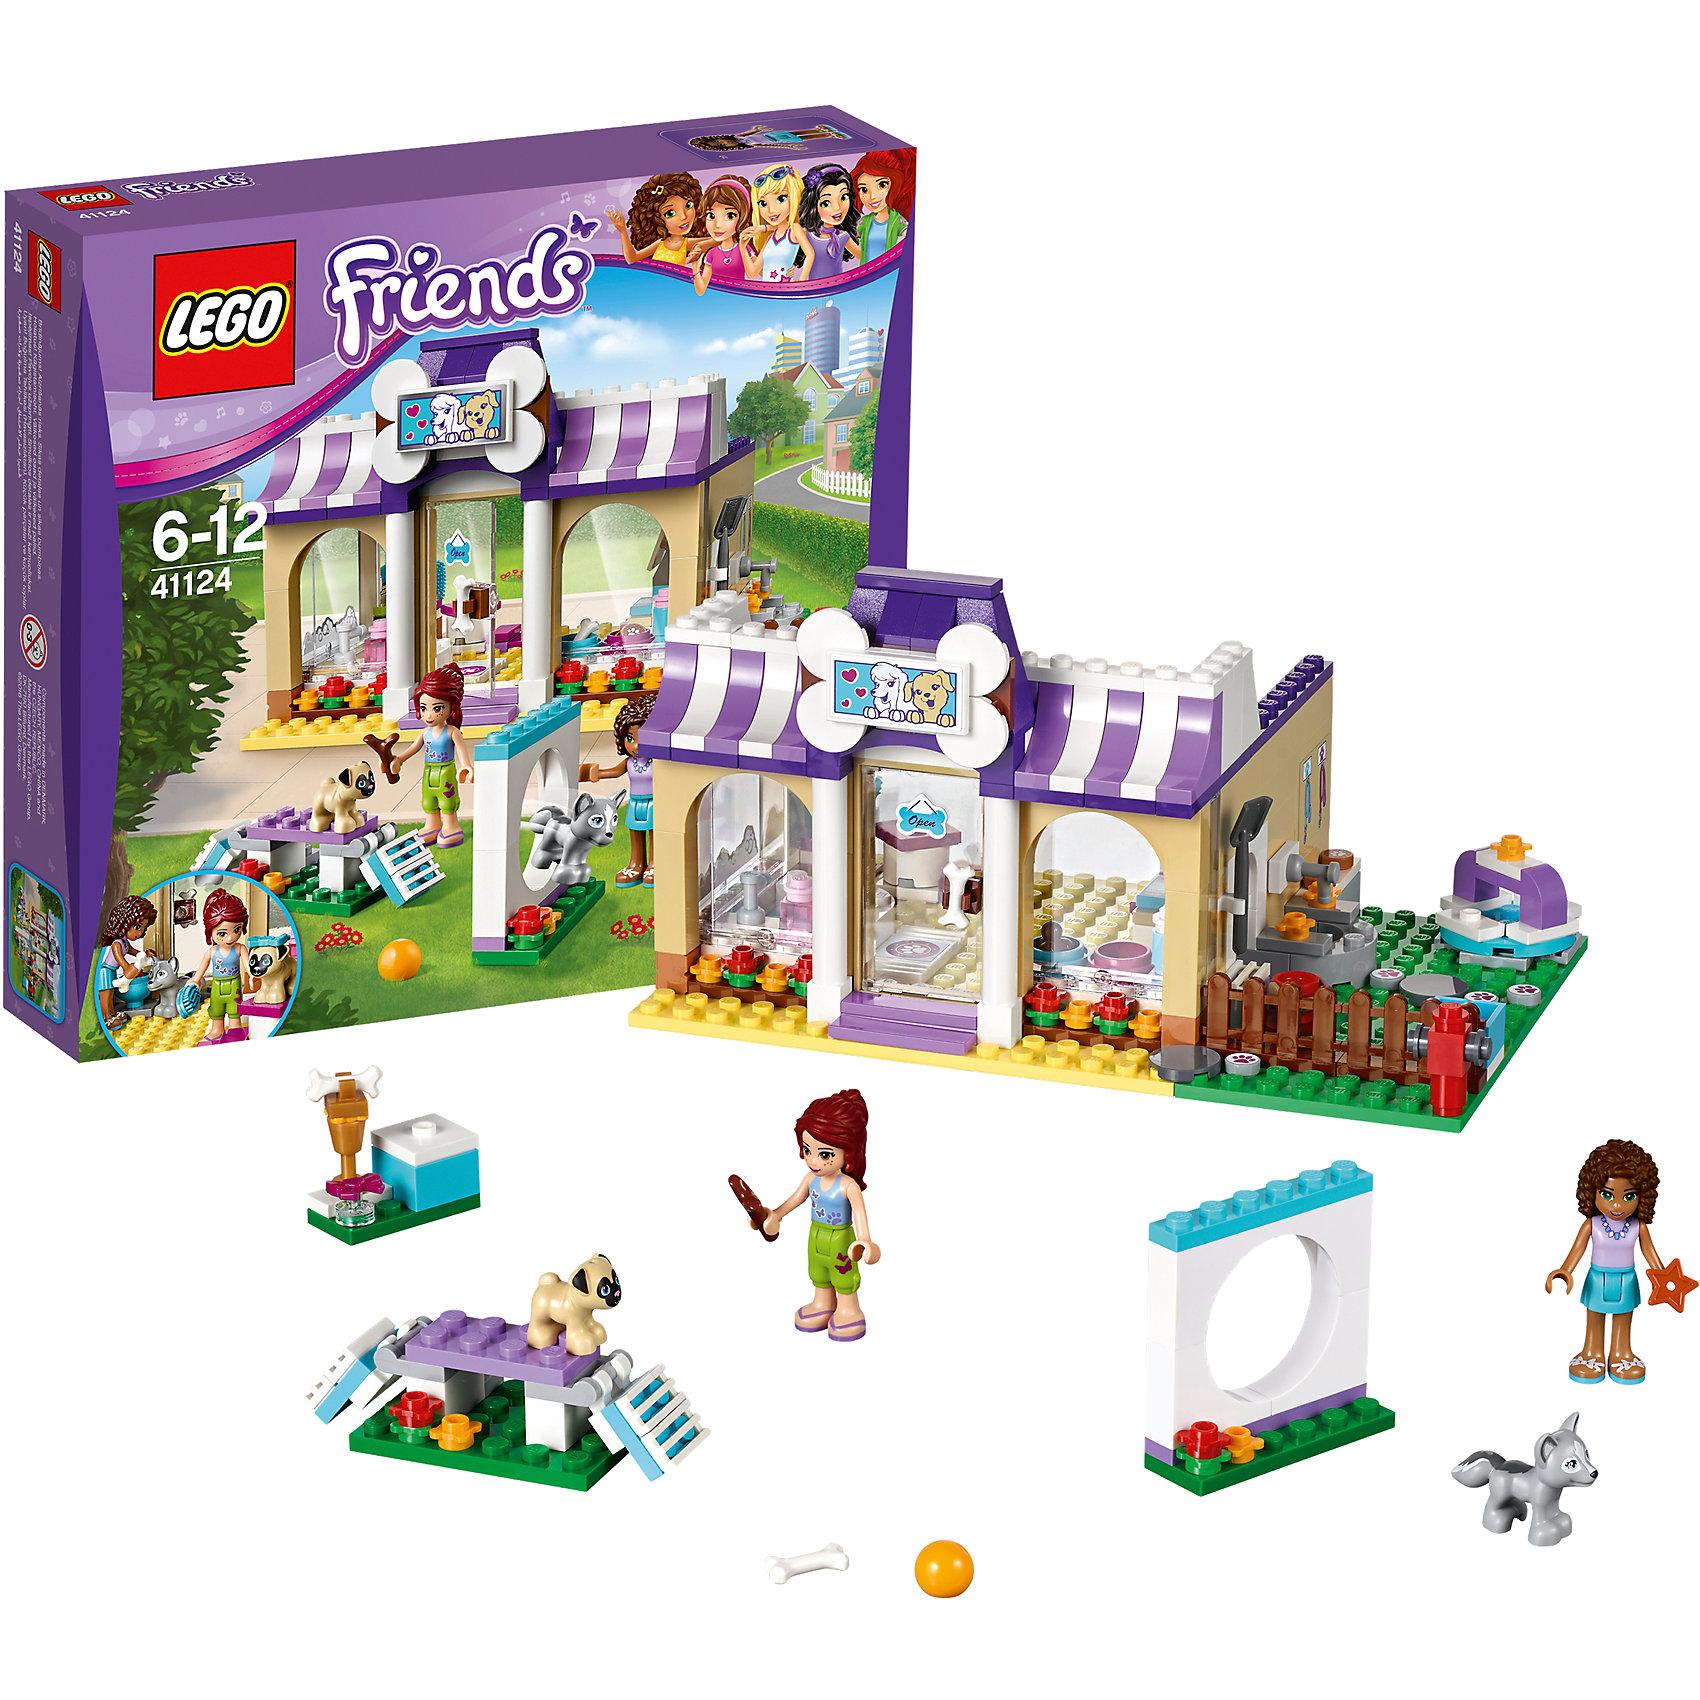 LEGO Friends 41124: Детский сад для щенковКонструкторы из серии LEGO Friends полюбились многим современным девочкам, поэтому набор Лего, из которого можно собрать разные сюжеты про героев и её приключения, обязательно порадует ребенка. Такие игрушки помогают детям развивать воображение, мелкую моторику, логику и творческое мышление.<br>Набор состоит из множества деталей, с помощью которых можно  собрать декорации для игр, а также в нем есть фигурки любимых персонажей! С таким комплектом можно придумать множество игр!<br><br>Дополнительная информация:<br><br>цвет: разноцветный;<br>размер коробки: 28 x 28 x 5 см;<br>вес: 500 г;<br>материал: пластик;<br>количество деталей: 286.<br><br>Набор Детский сад для щенков от бренда LEGO Friends можно купить в нашем магазине.<br><br>Ширина мм: 282<br>Глубина мм: 261<br>Высота мм: 60<br>Вес г: 500<br>Возраст от месяцев: 72<br>Возраст до месяцев: 144<br>Пол: Женский<br>Возраст: Детский<br>SKU: 4641216